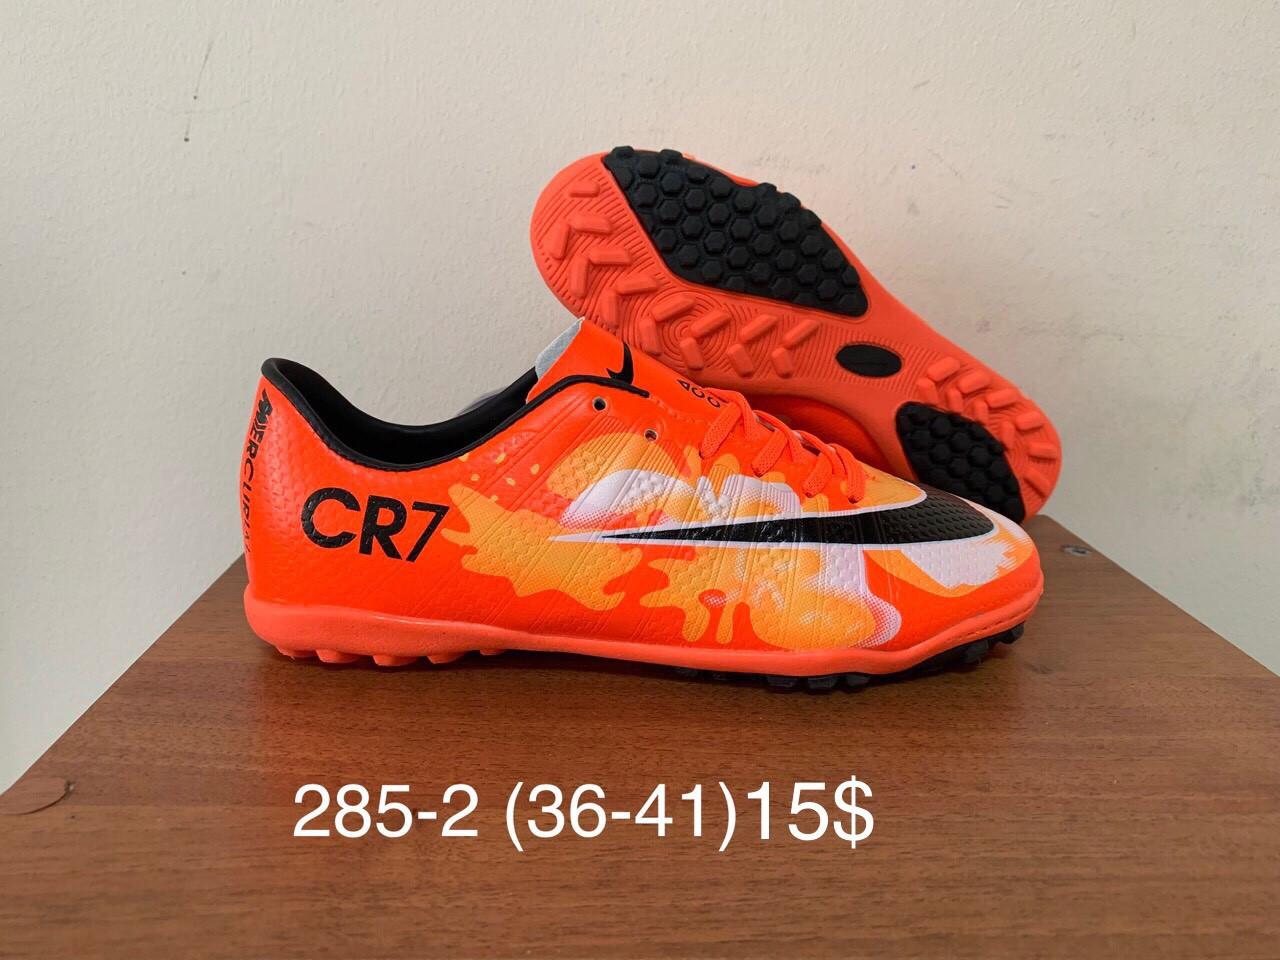 Подростковые сороконожки Nike CR7 оптом (36-41)